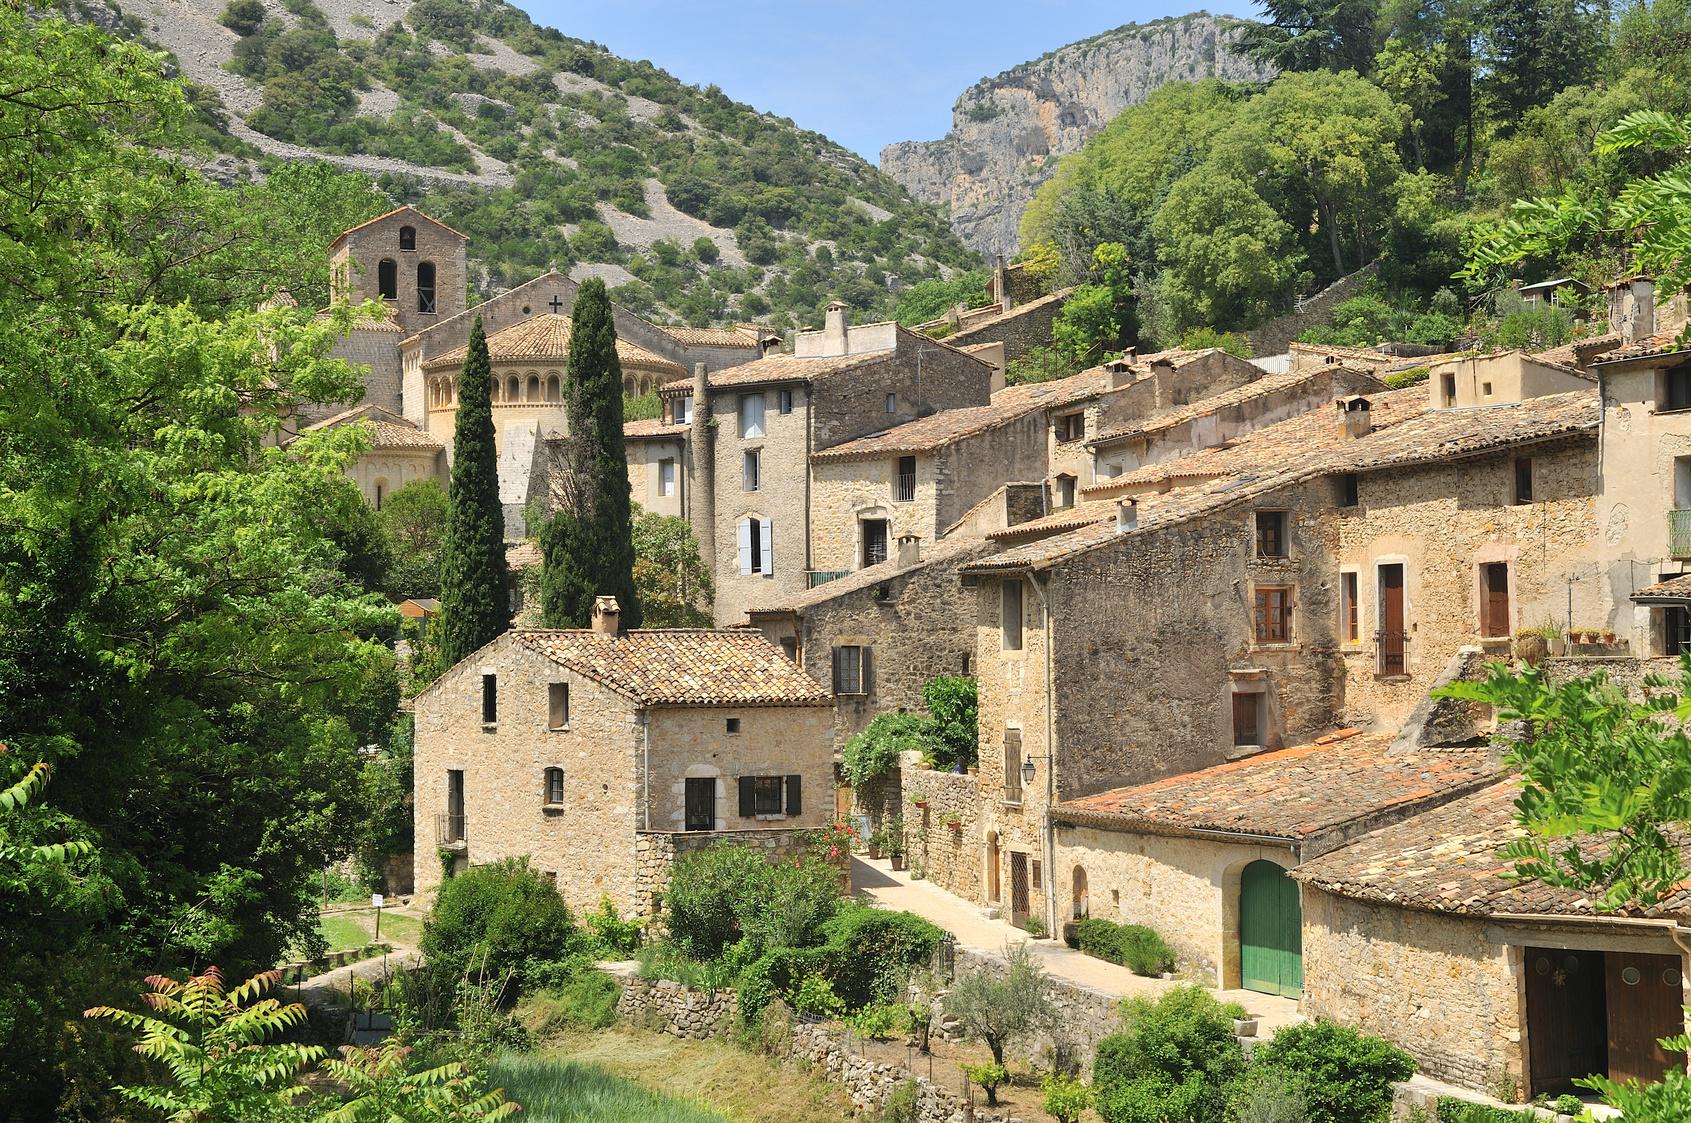 Le village de Saint-Guilhem-le-Dsert